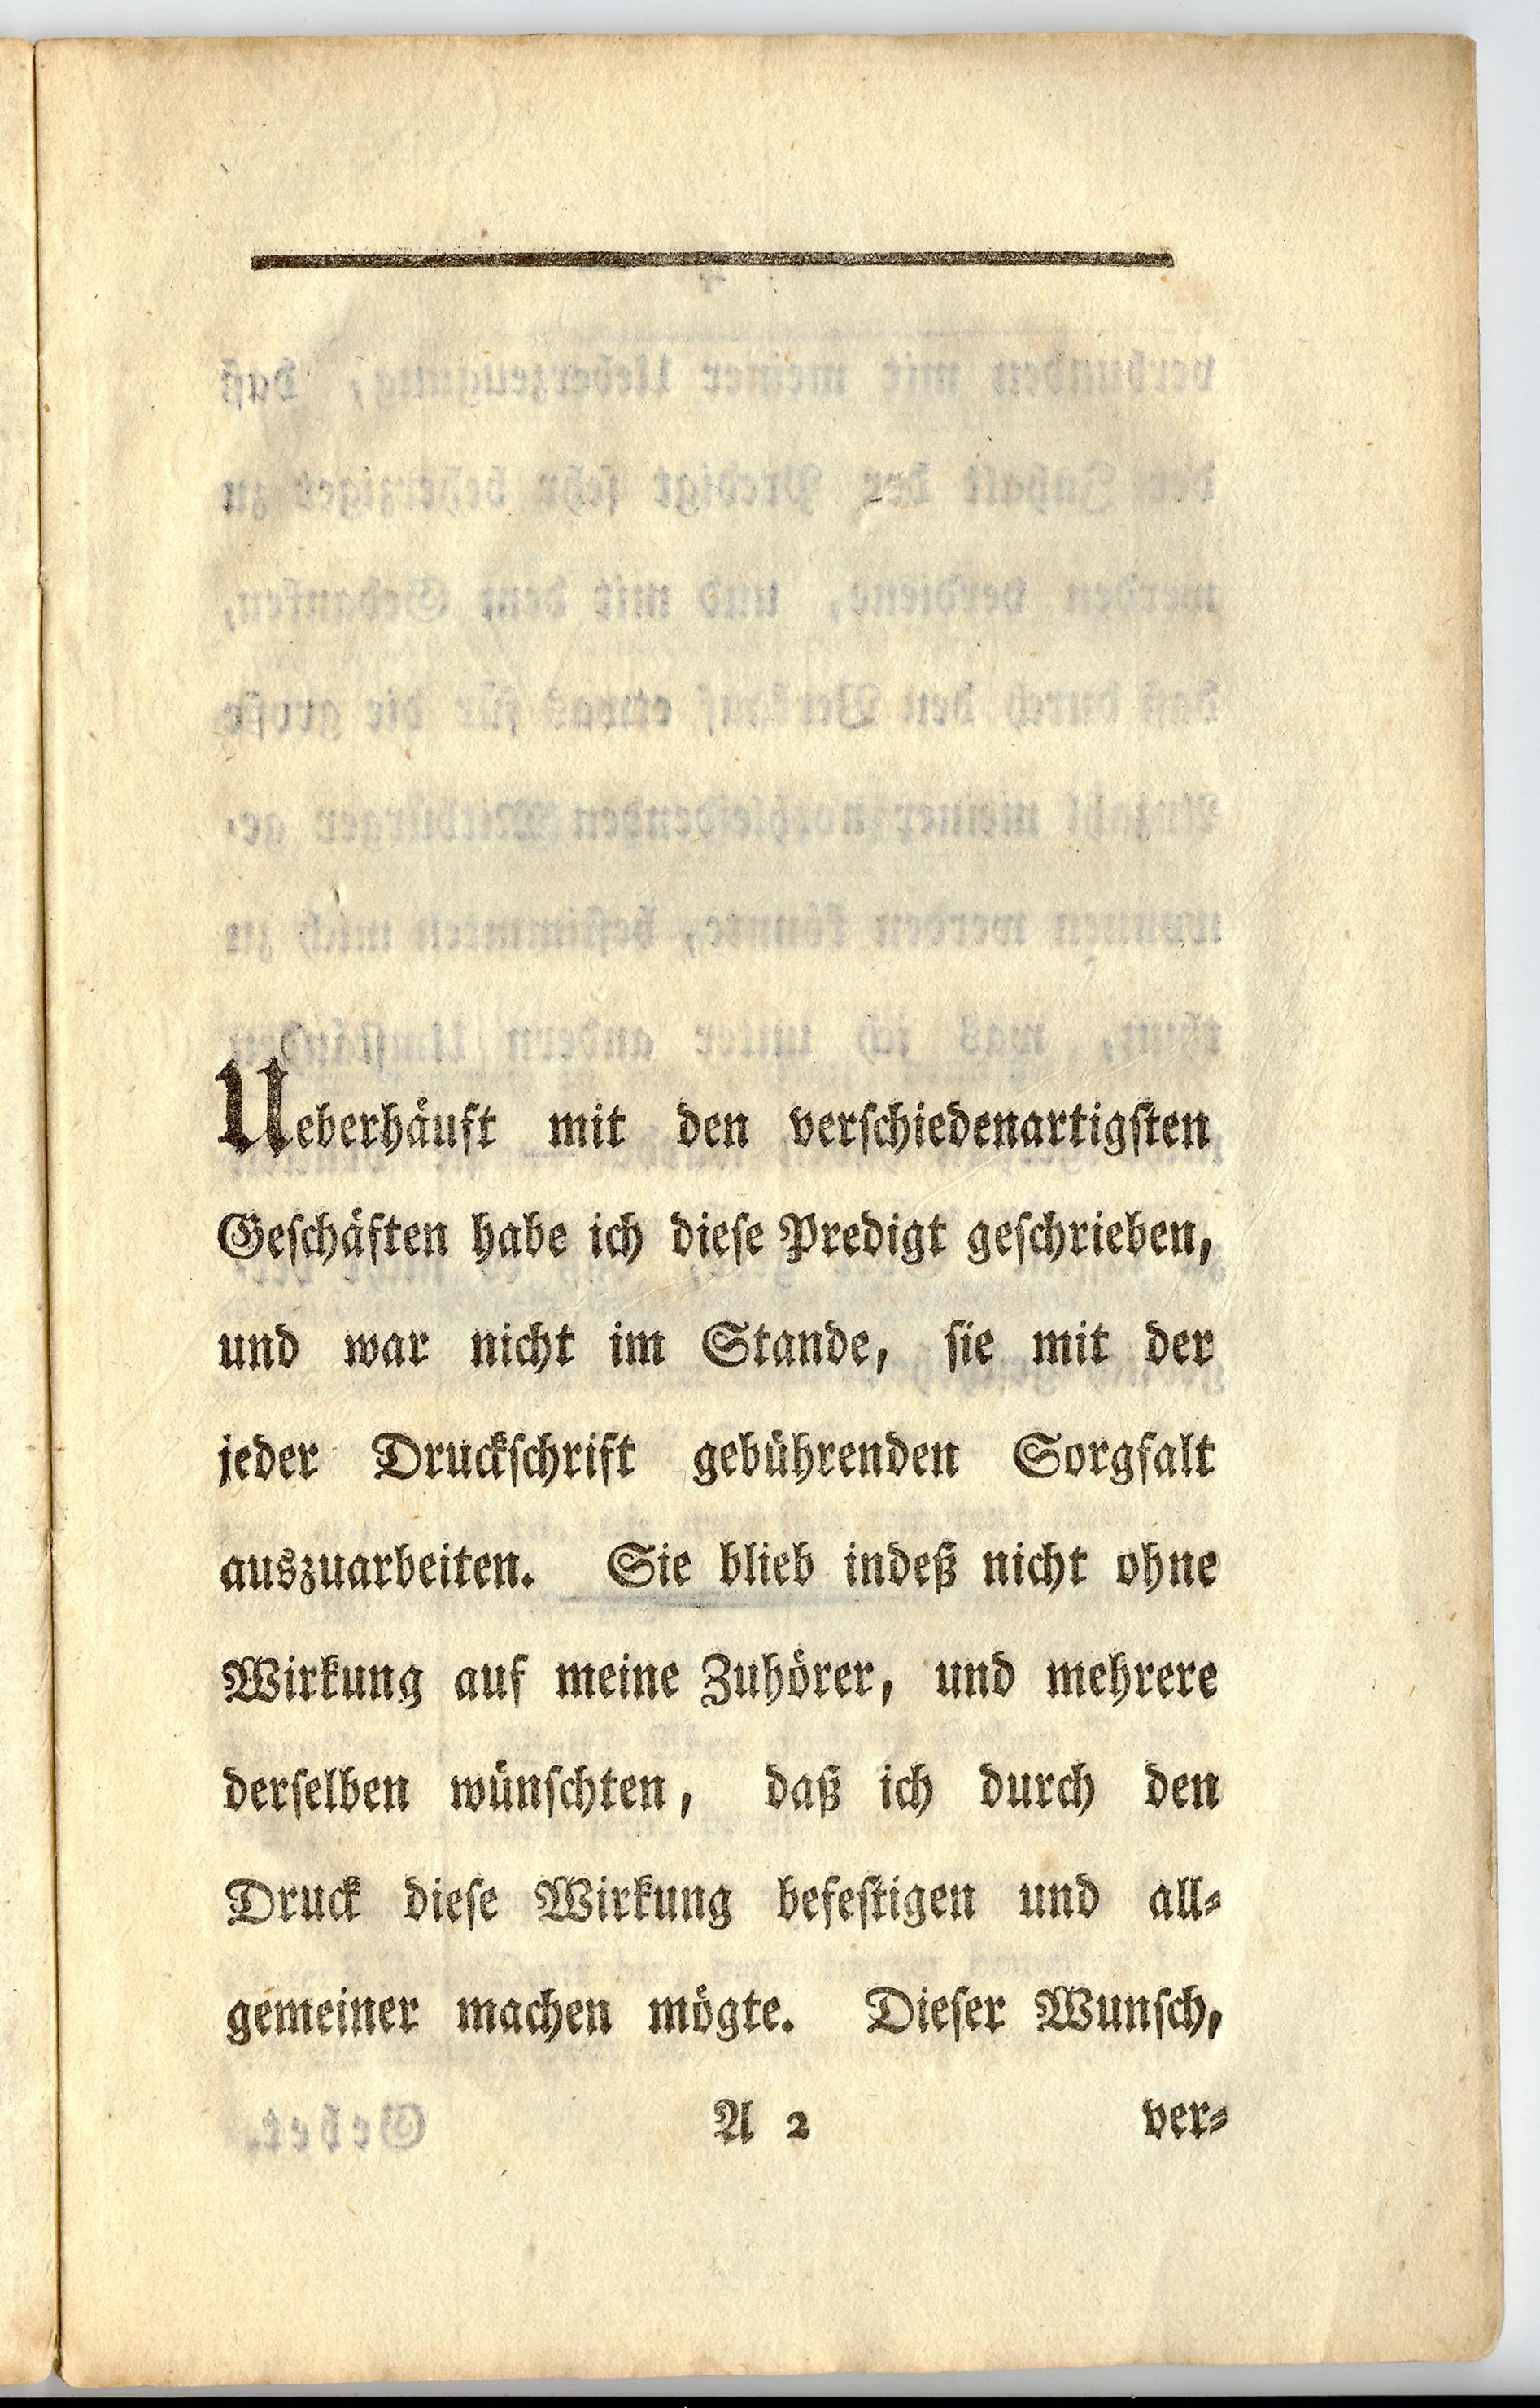 File:Geibel Ermunterung03.jpg - Wikimedia Commons